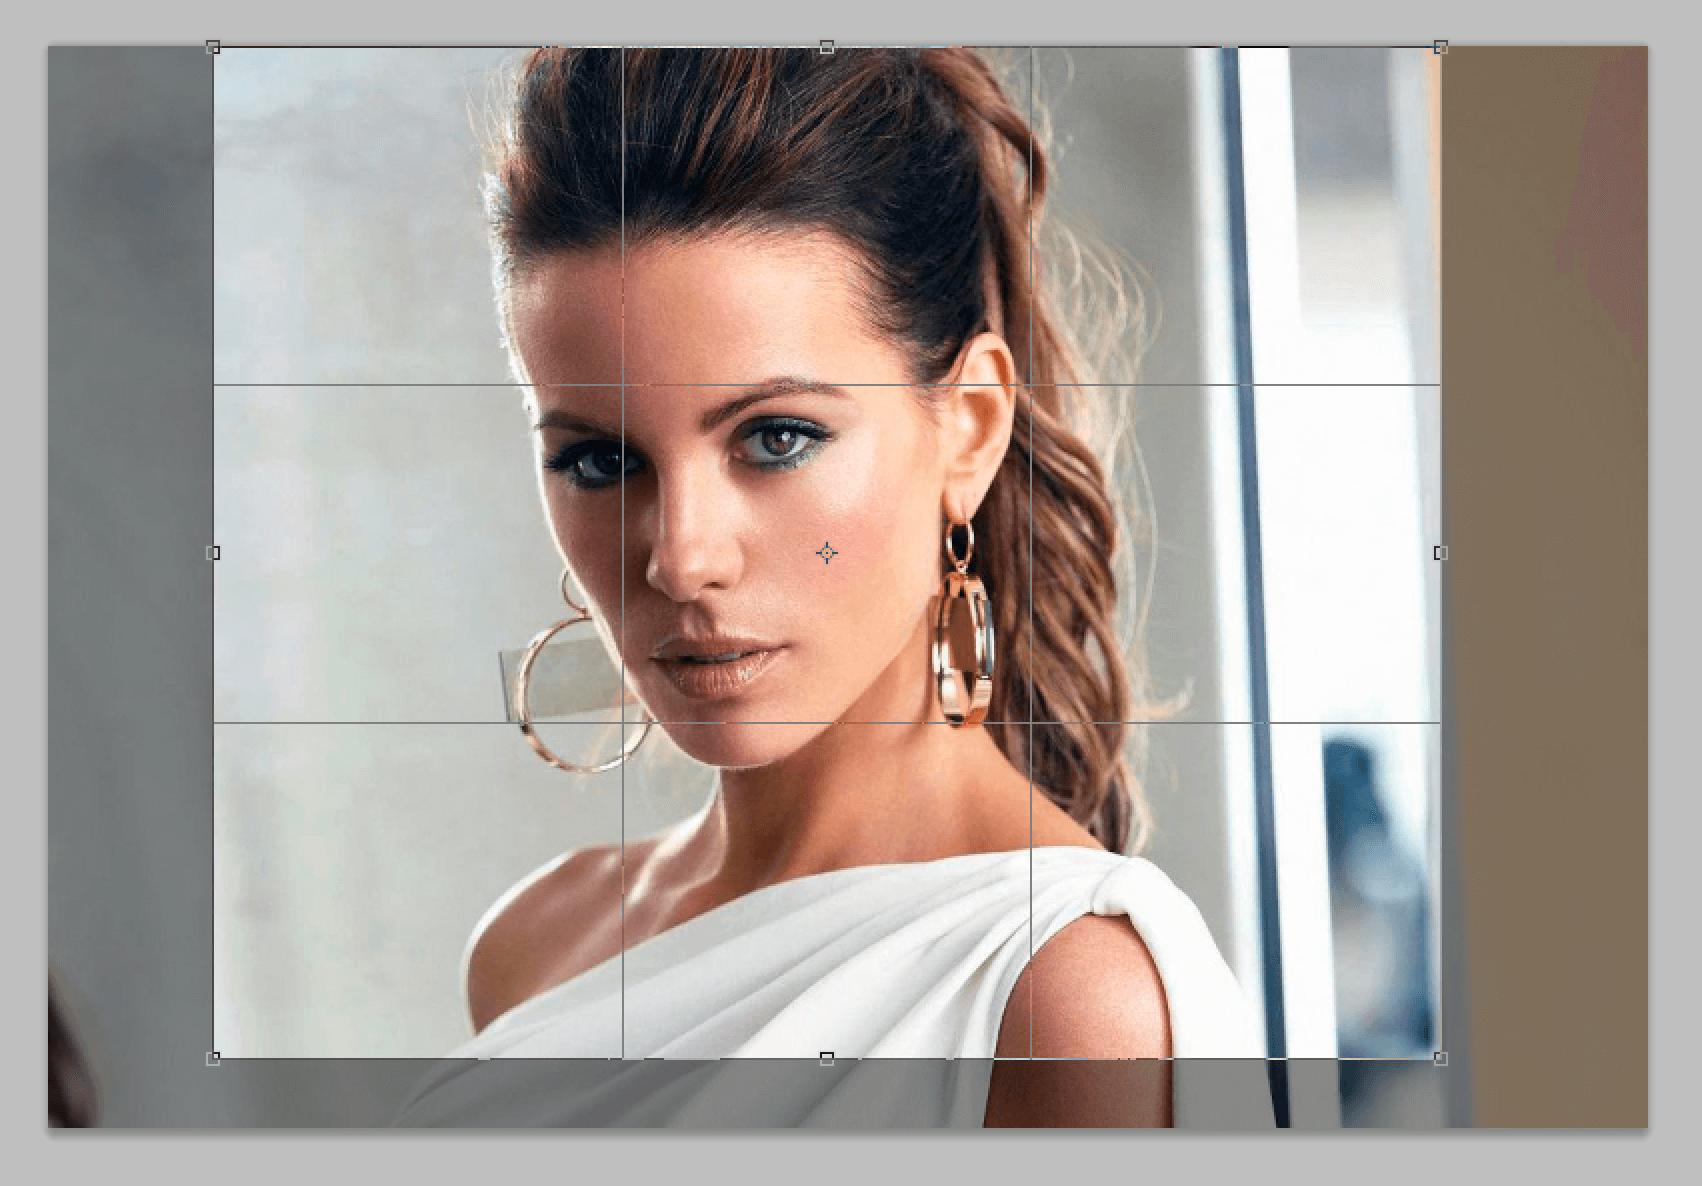 Как уменьшить изображение/картинку в Photoshop